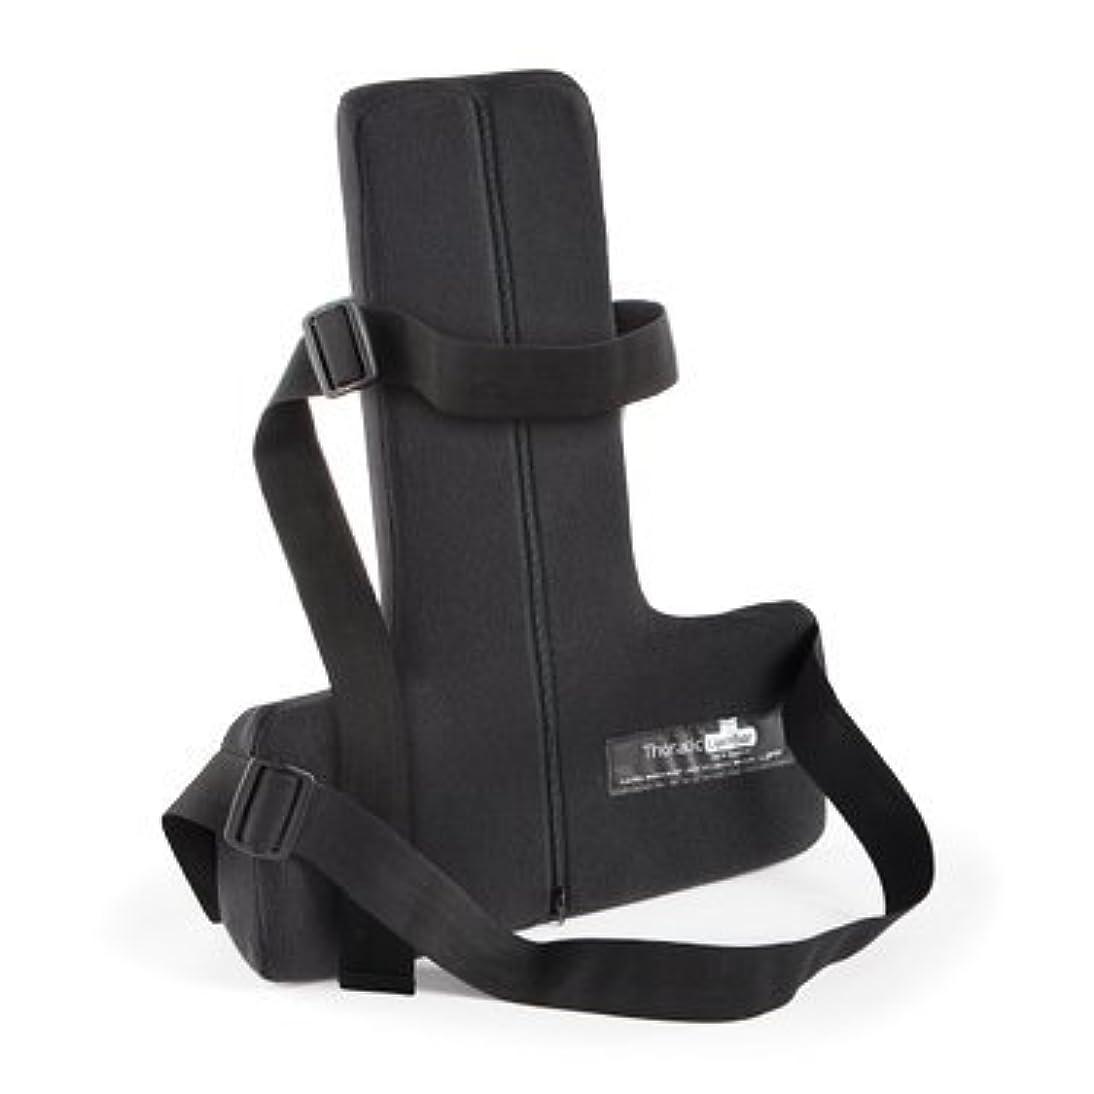 突き刺す乞食私たちオーピーティー 自宅 車内 オフィス 椅子腰椎サポート 正しい姿勢で背中 肩 首への負担を減らすクッション